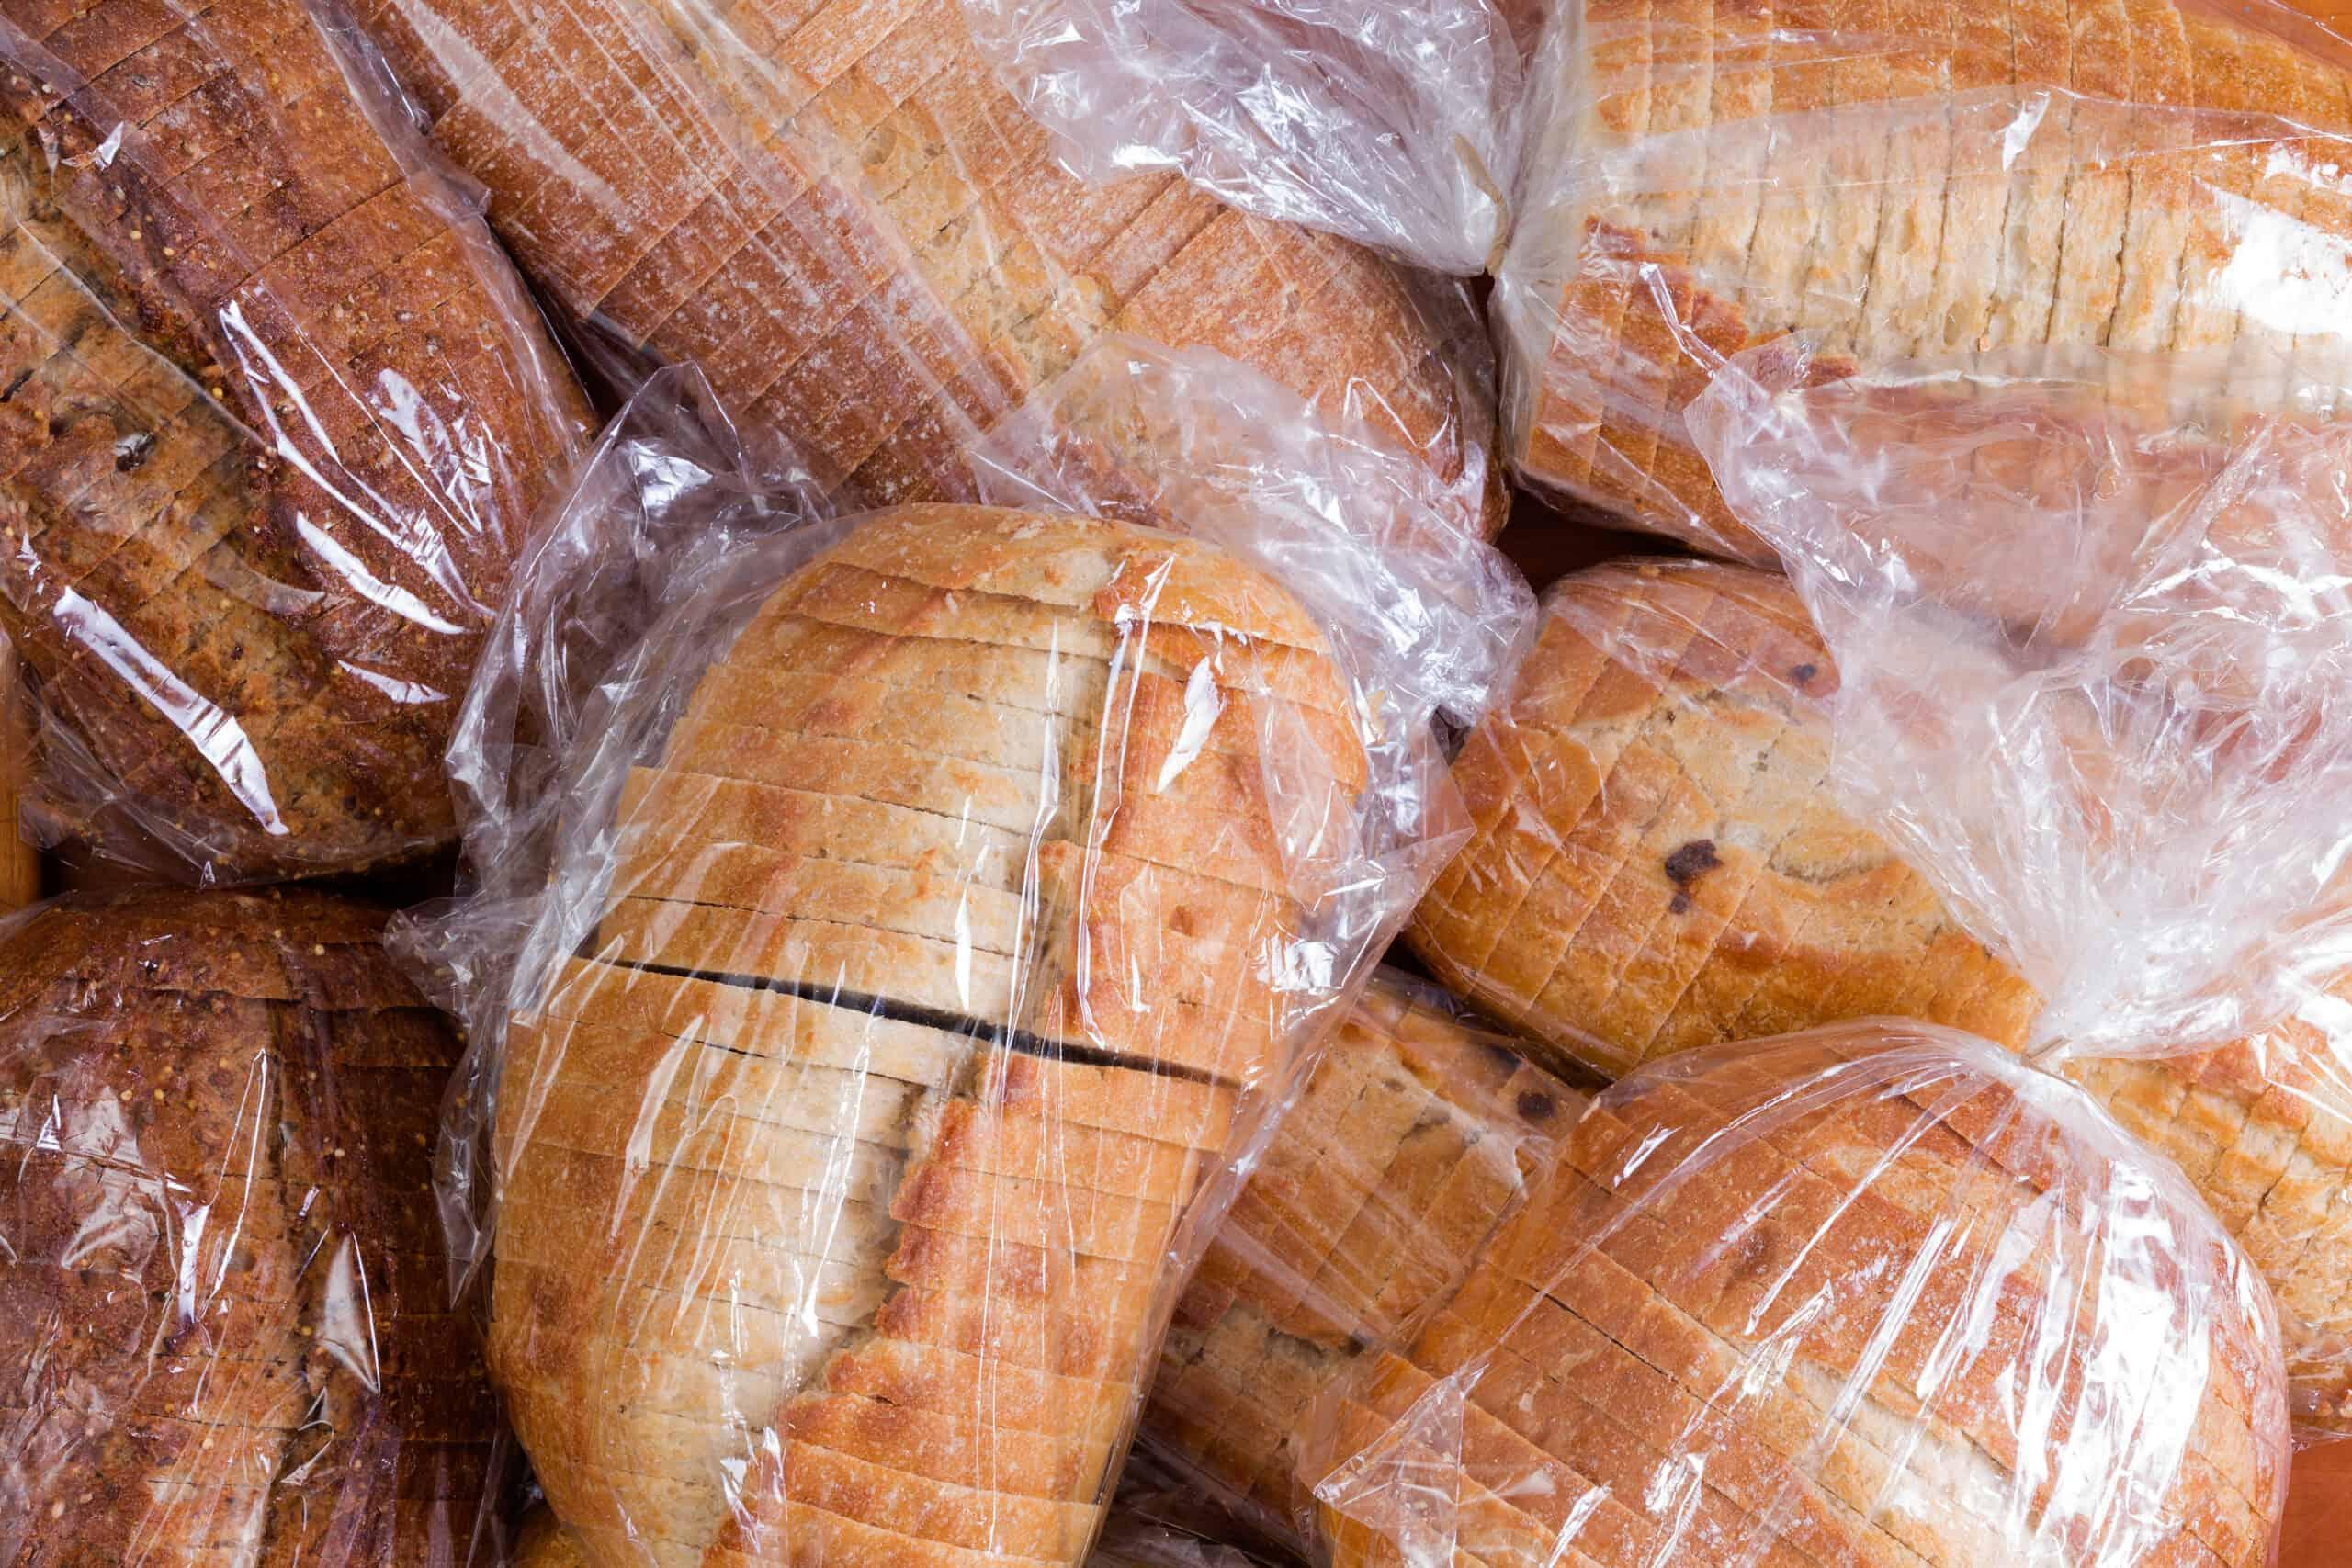 sliced bread in bag